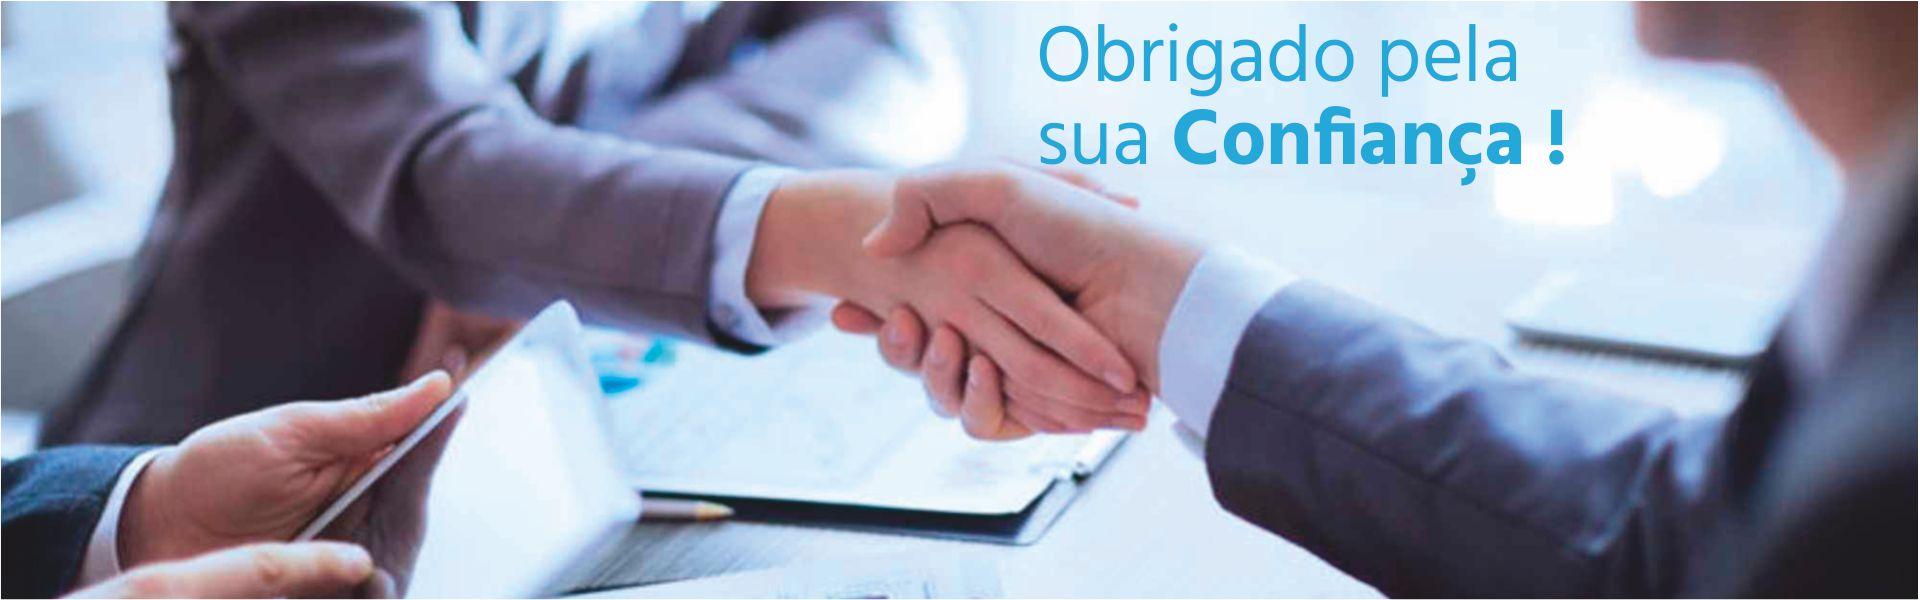 Serseguro - A certidão permanente das finanças dos seguros